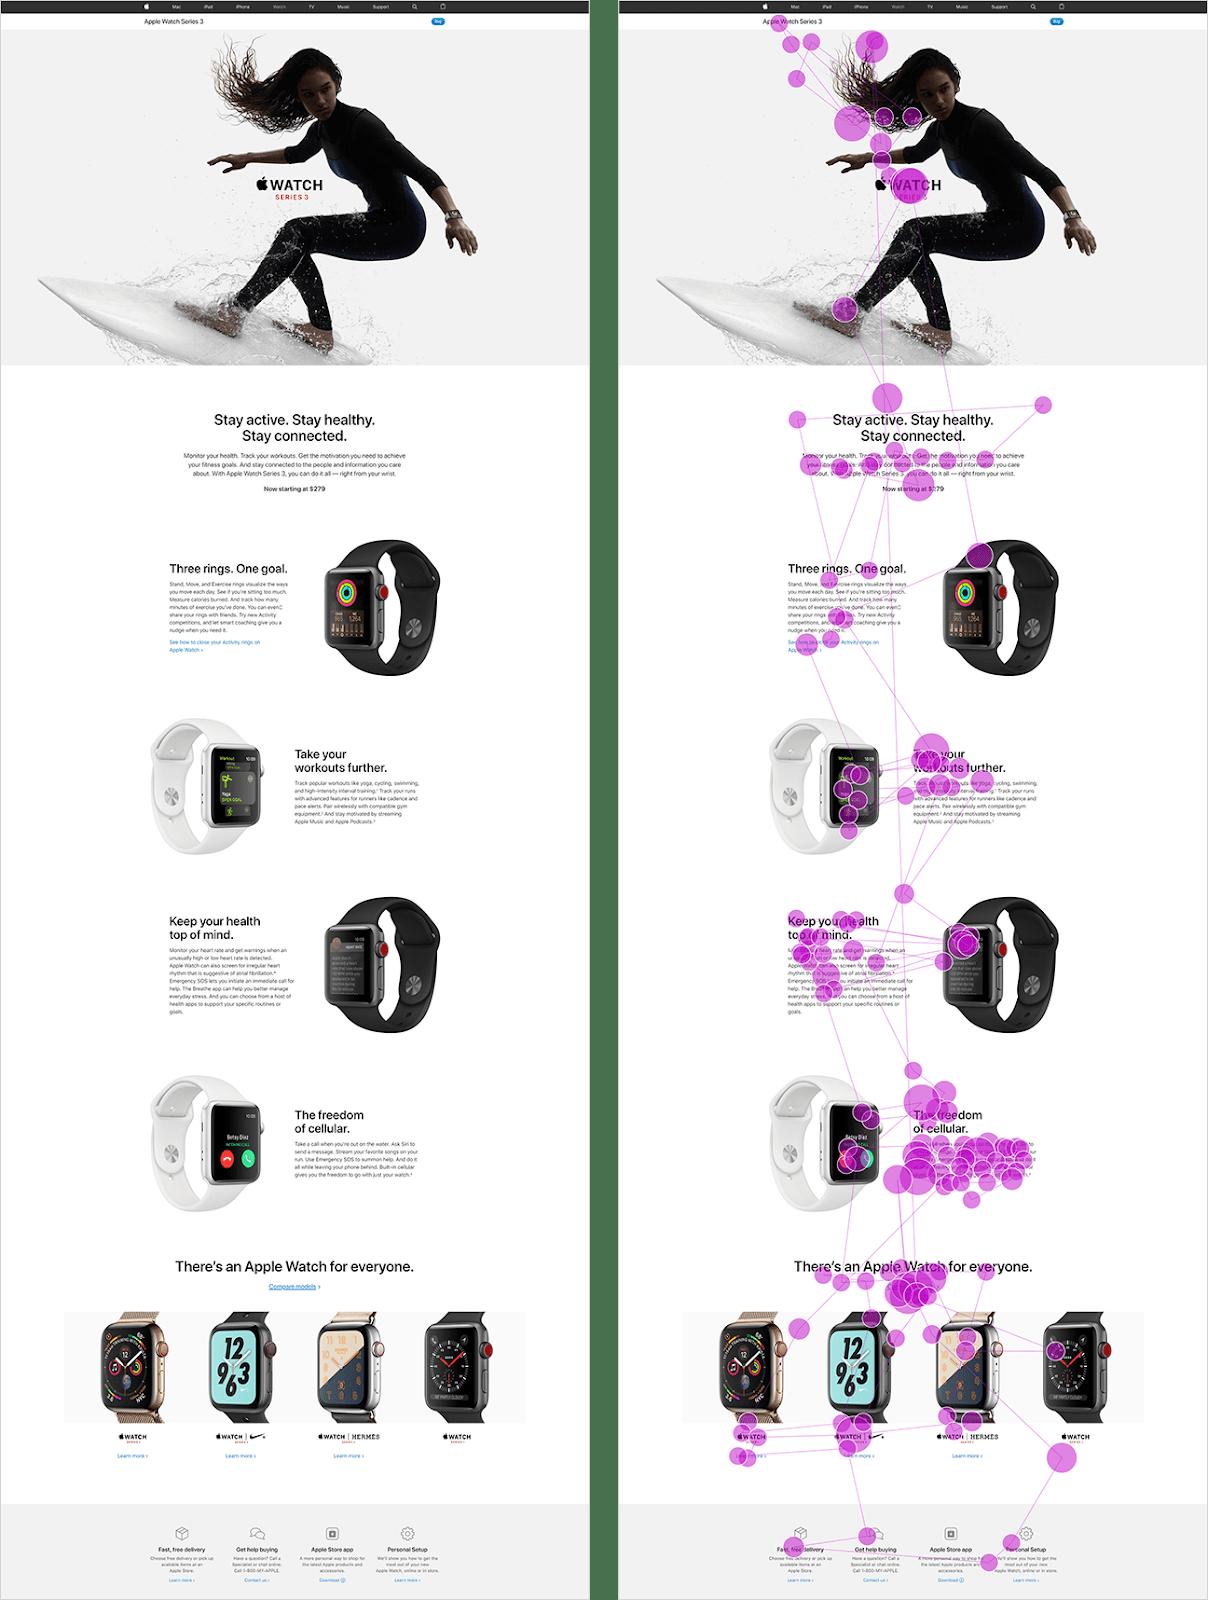 Участница просматривал описательную страницу Apple Watch 3 (слева) с зигзагообразным макетом. Её движения глаз показаны на графике справа. При движении вниз по странице её глаза перемещались от изображения к тексту, снова к изображению и затем к тексту – по модели газонокосилки